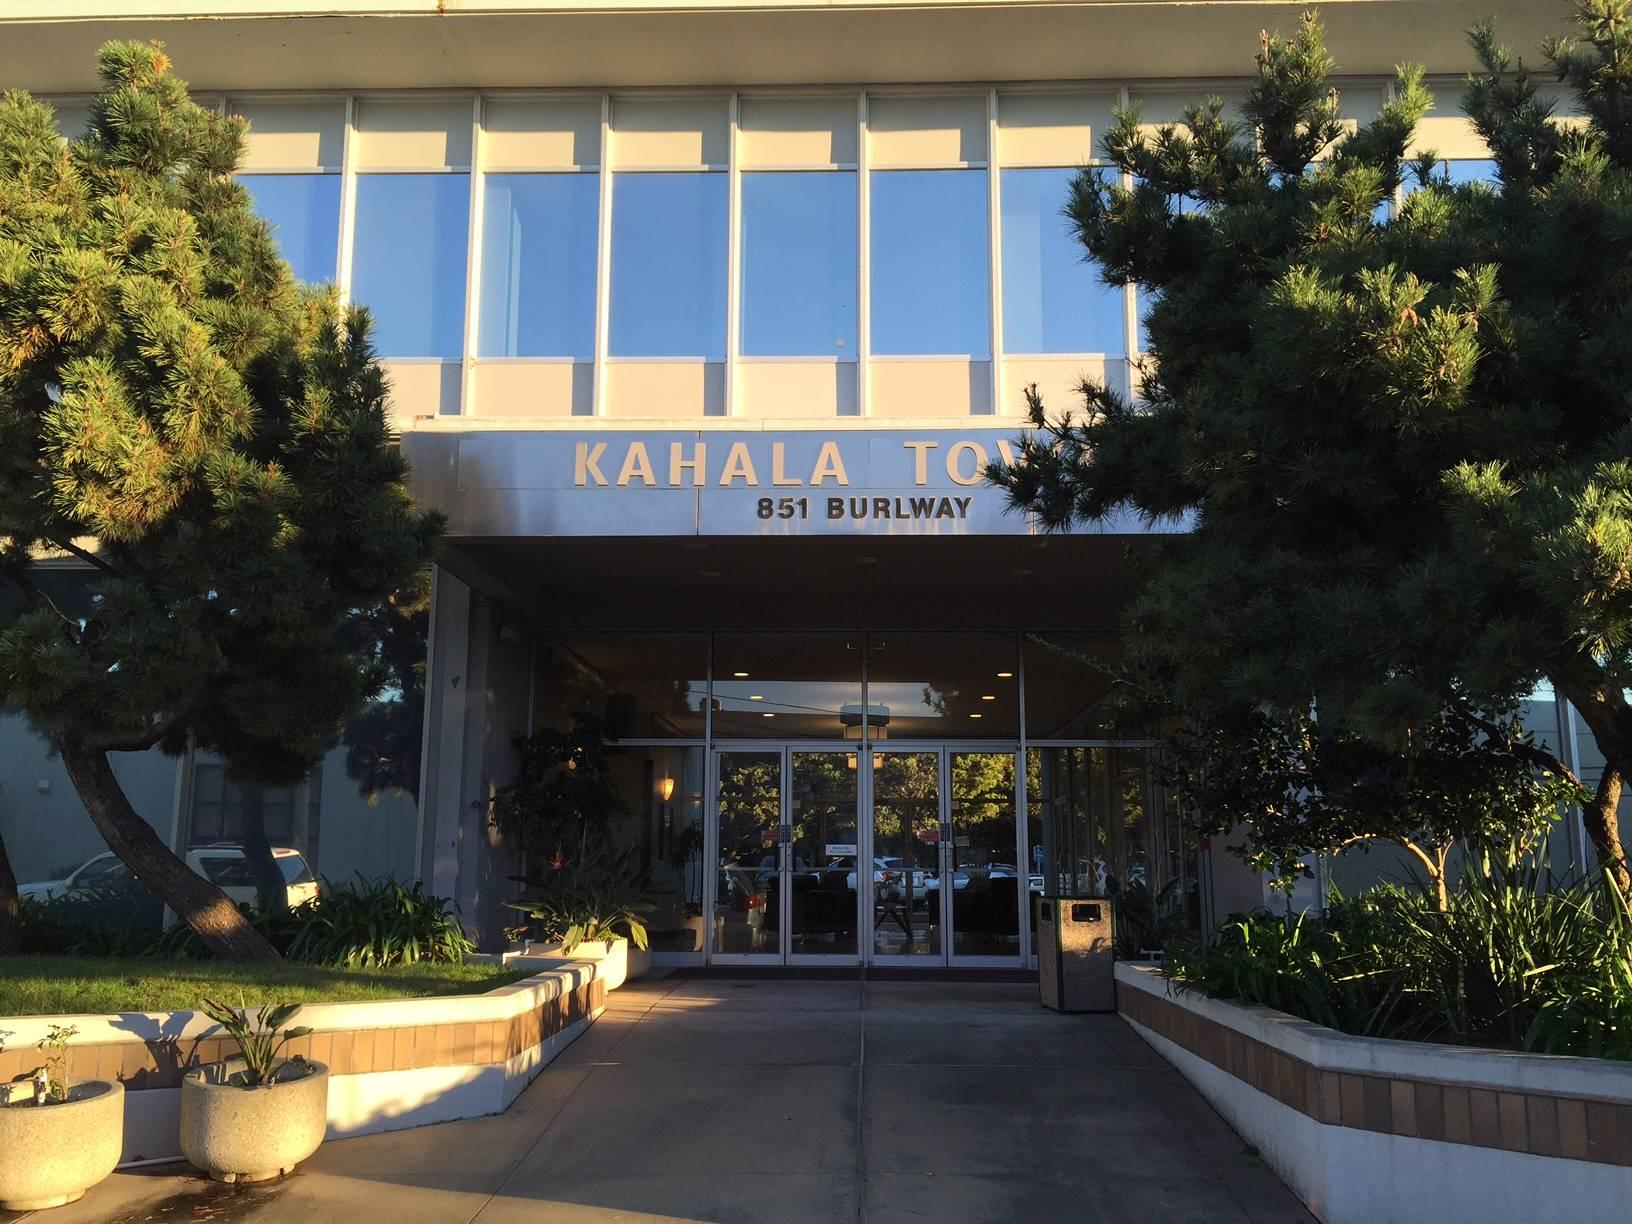 Morningsun Health Care, 851 Burlway Rd , suite309, Kahala Tower, Burlingame, California, 94010, USA